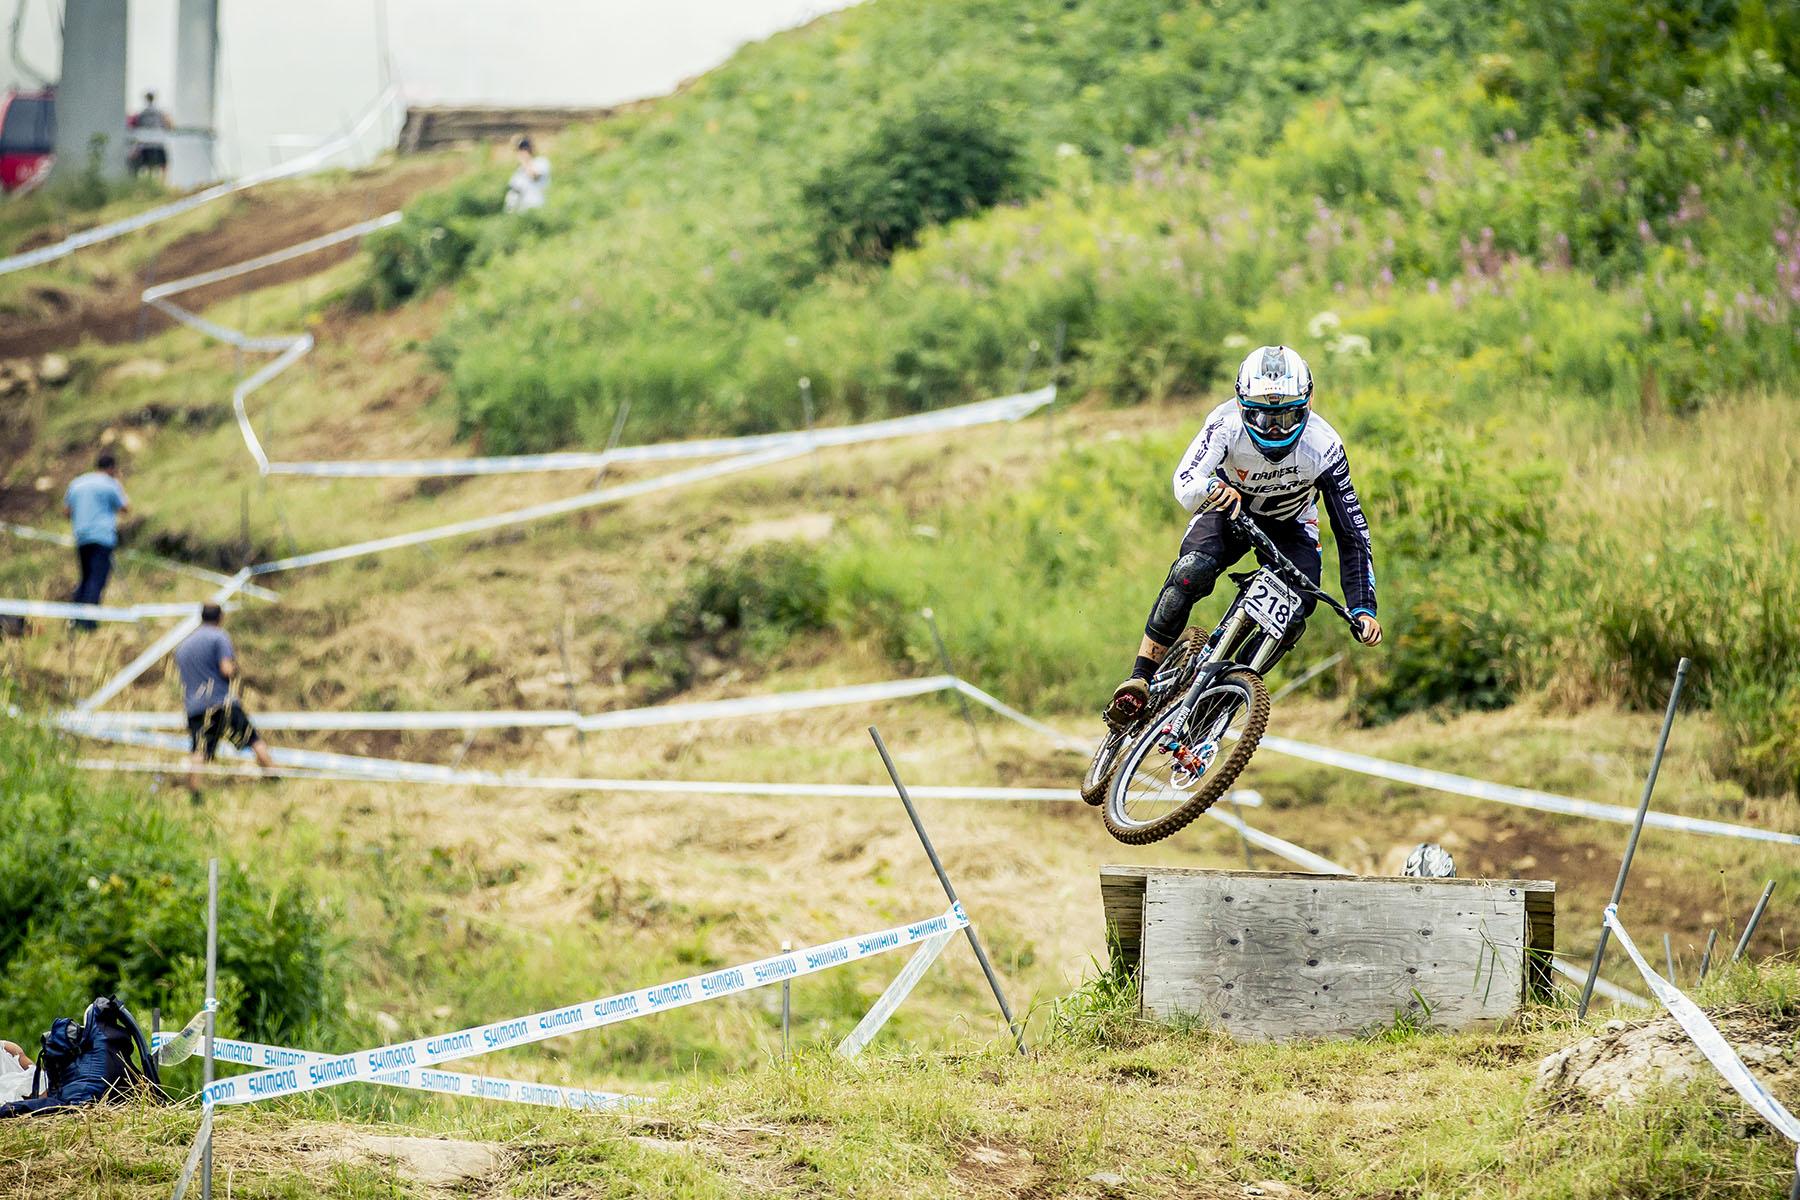 Lappierre Junior-Fahrer Loris Vergier beim Jump von der Holzbrücke.